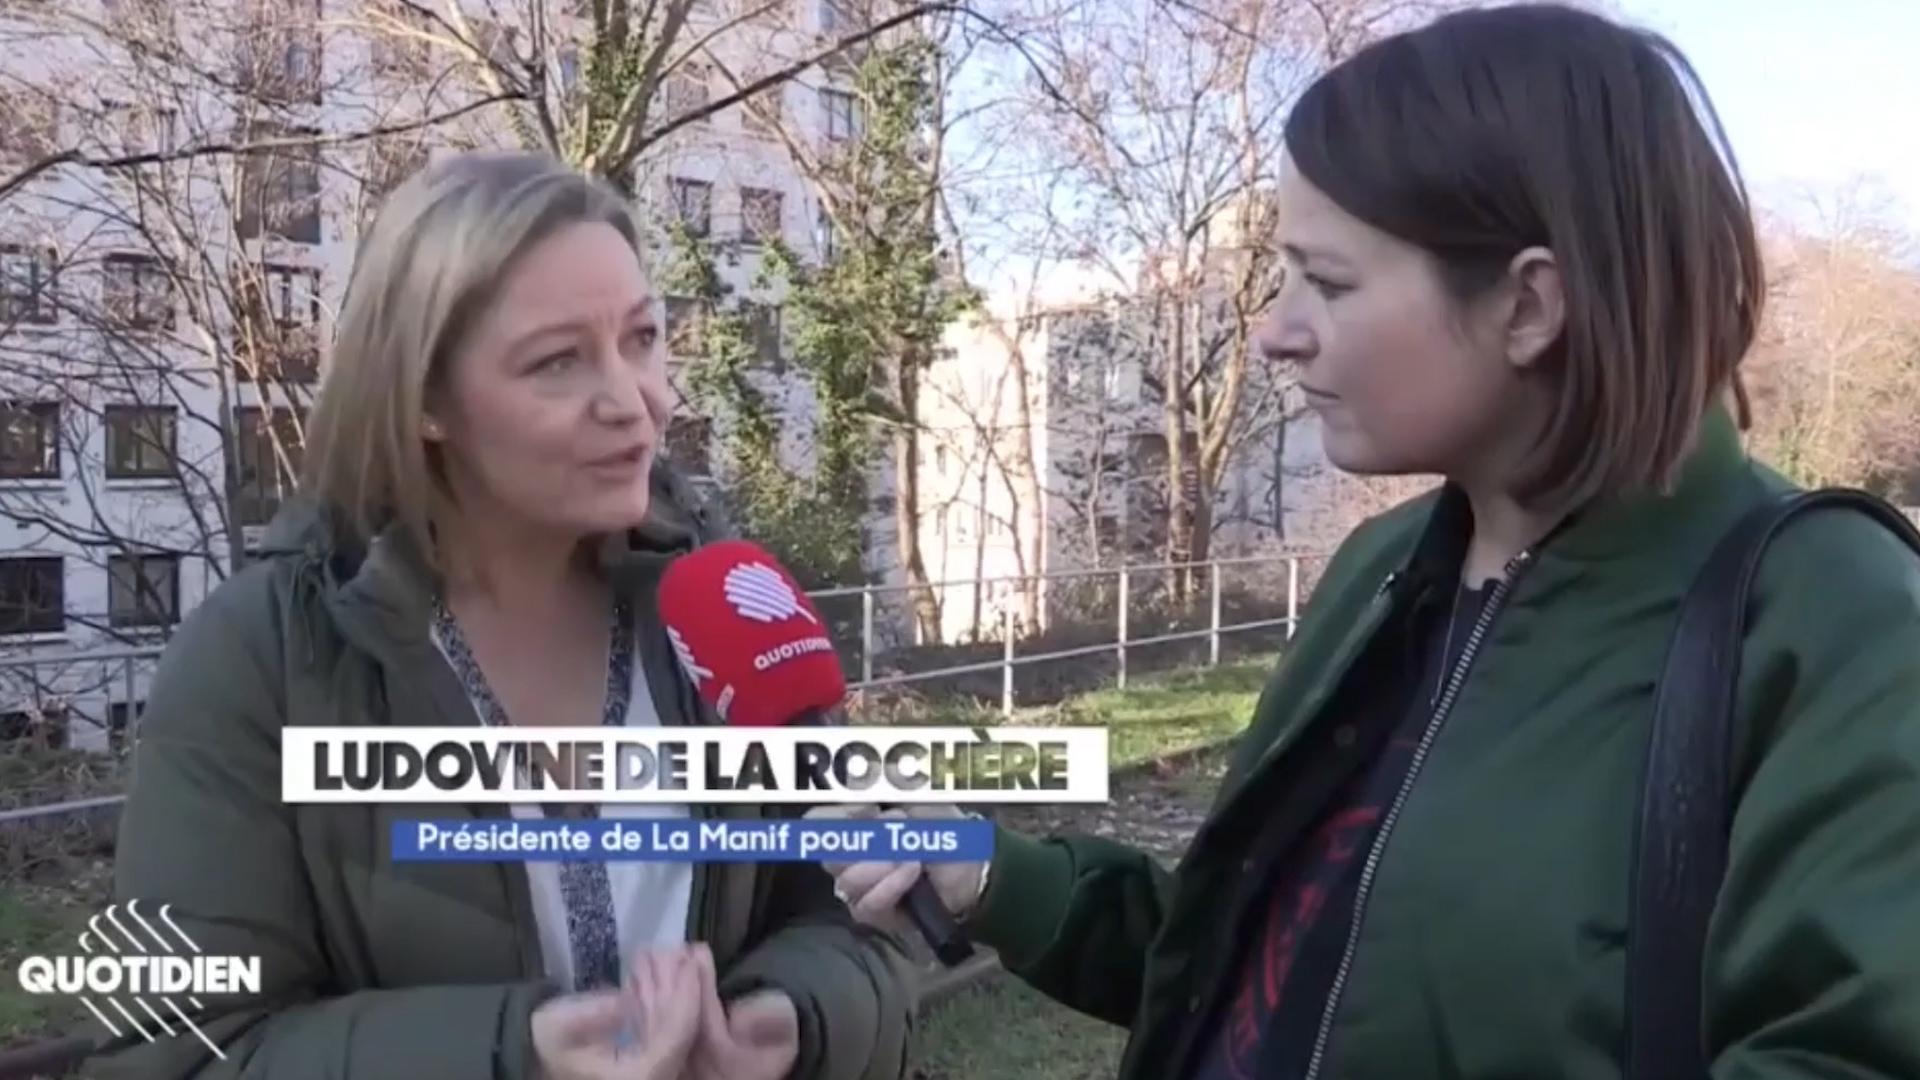 """Image - Ludovine de La Rochère, interviewé pour Quotidien au sujet de l'amendement """"Parent 1 / Parent 2"""""""